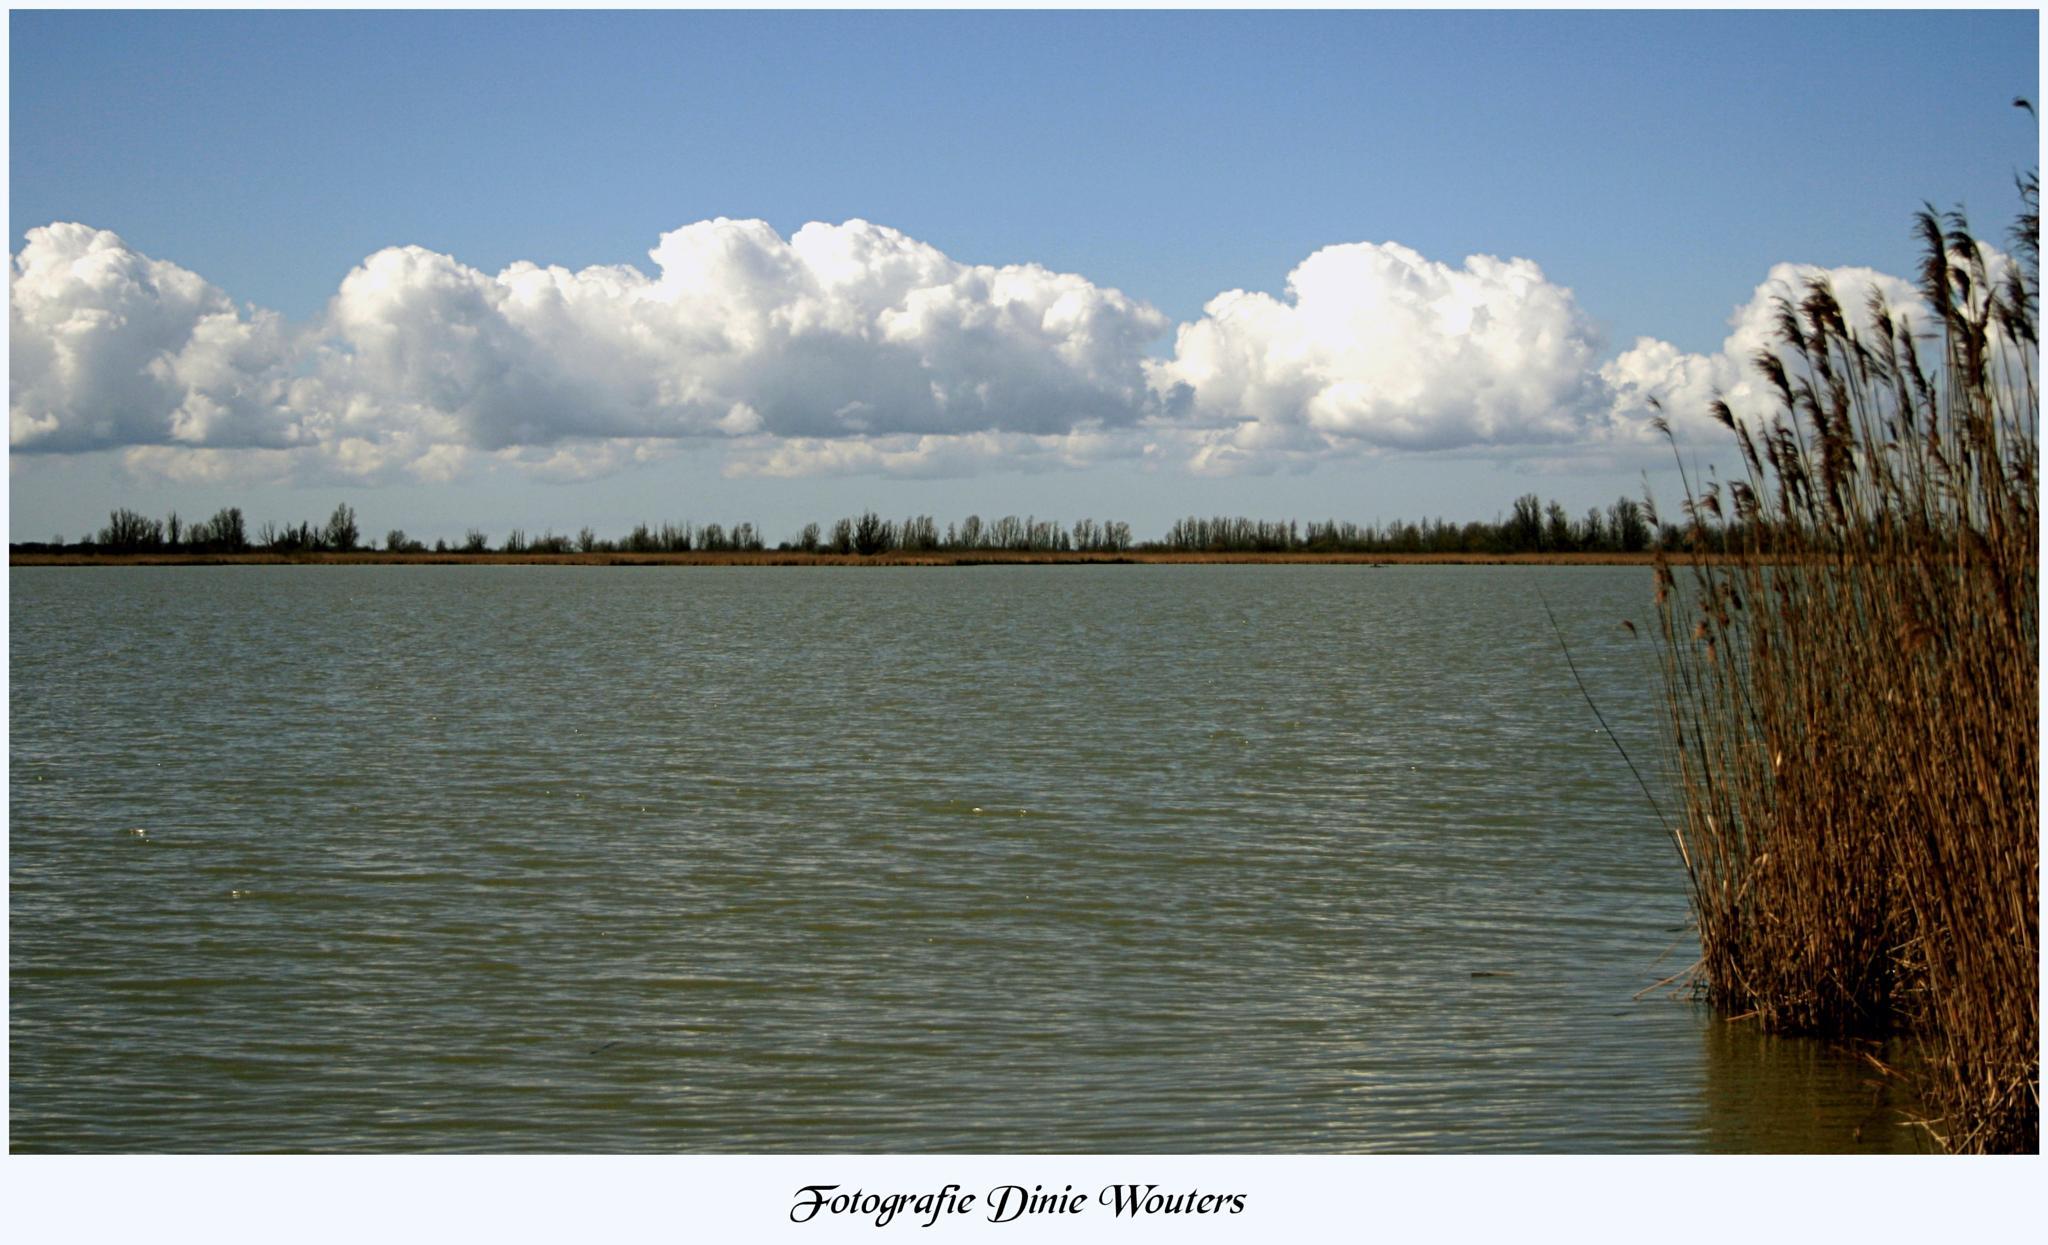 Landscape Ooievaars Plassen by Dinie